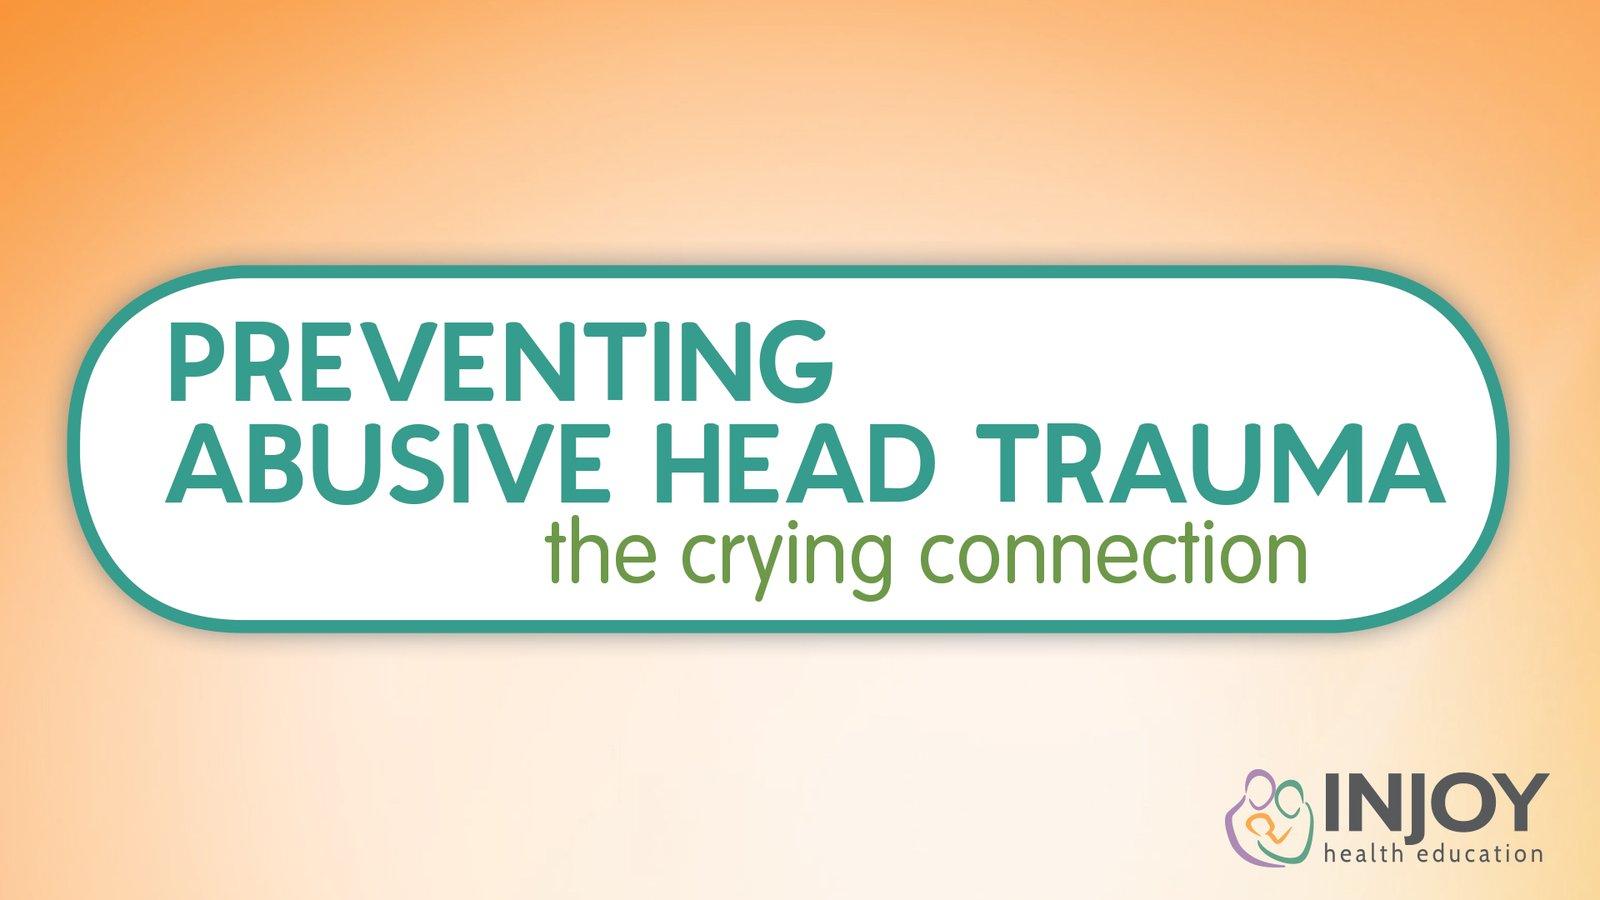 Preventing Abusive Head Trauma